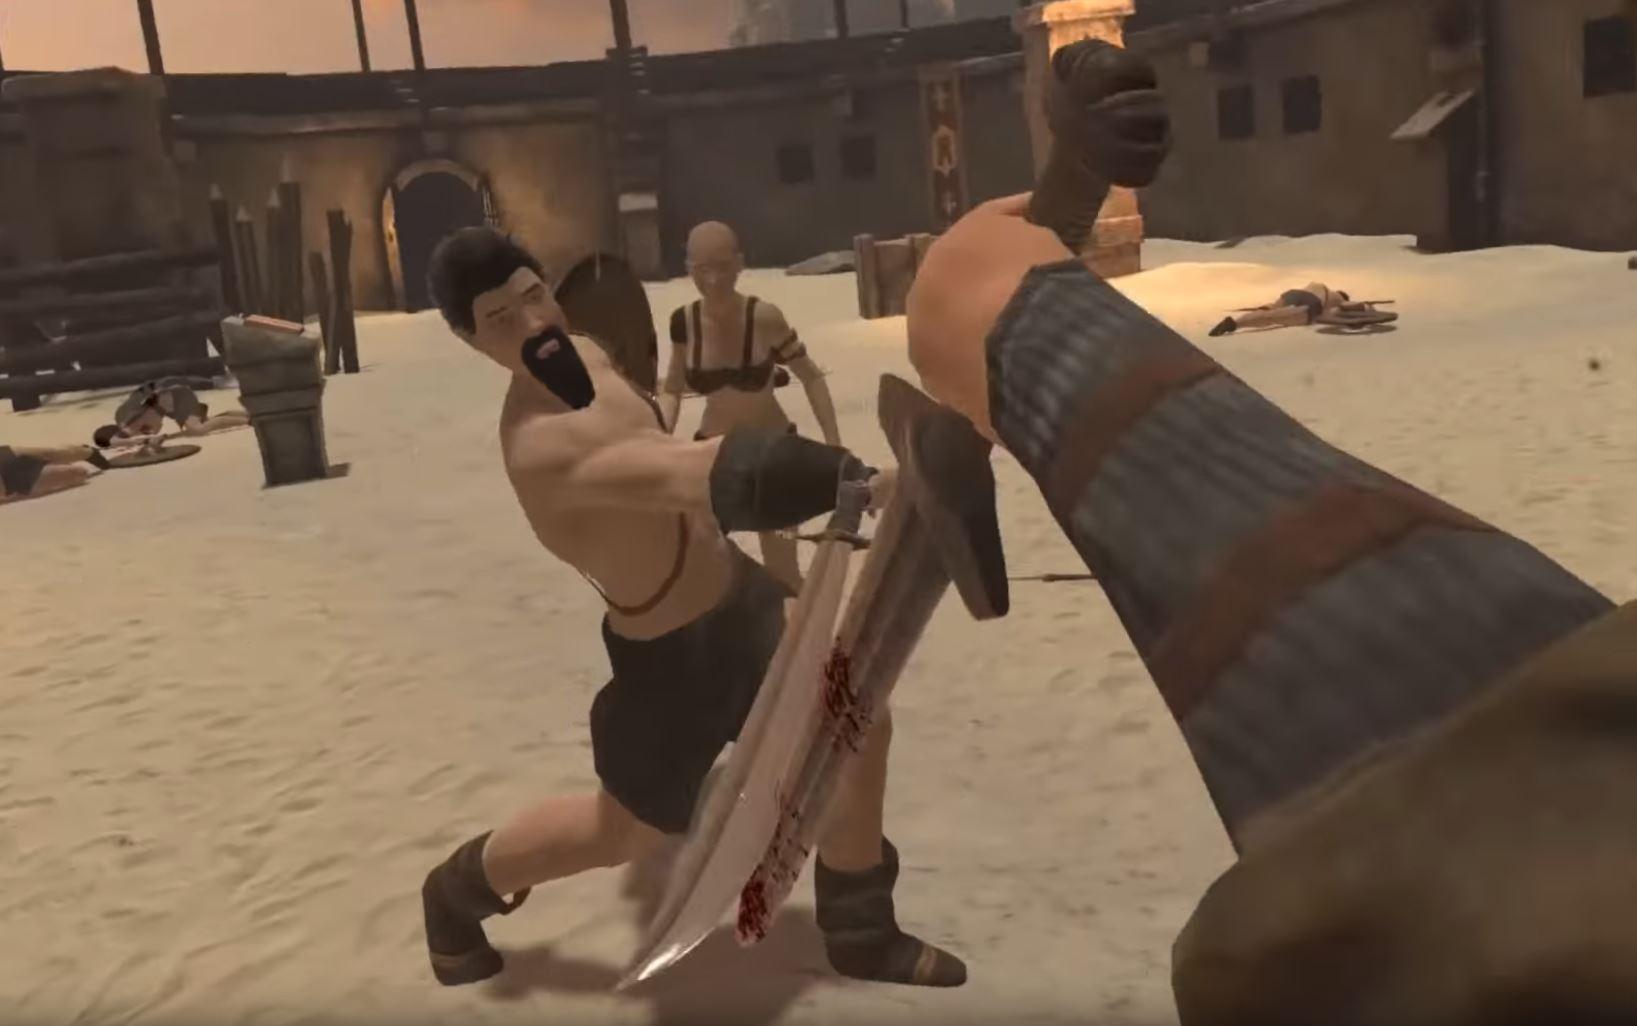 Blade and Sorcery: Brutale Physik mit realistischen Schwertkämpfen (Update: Test der EA-Version und Testvideo)